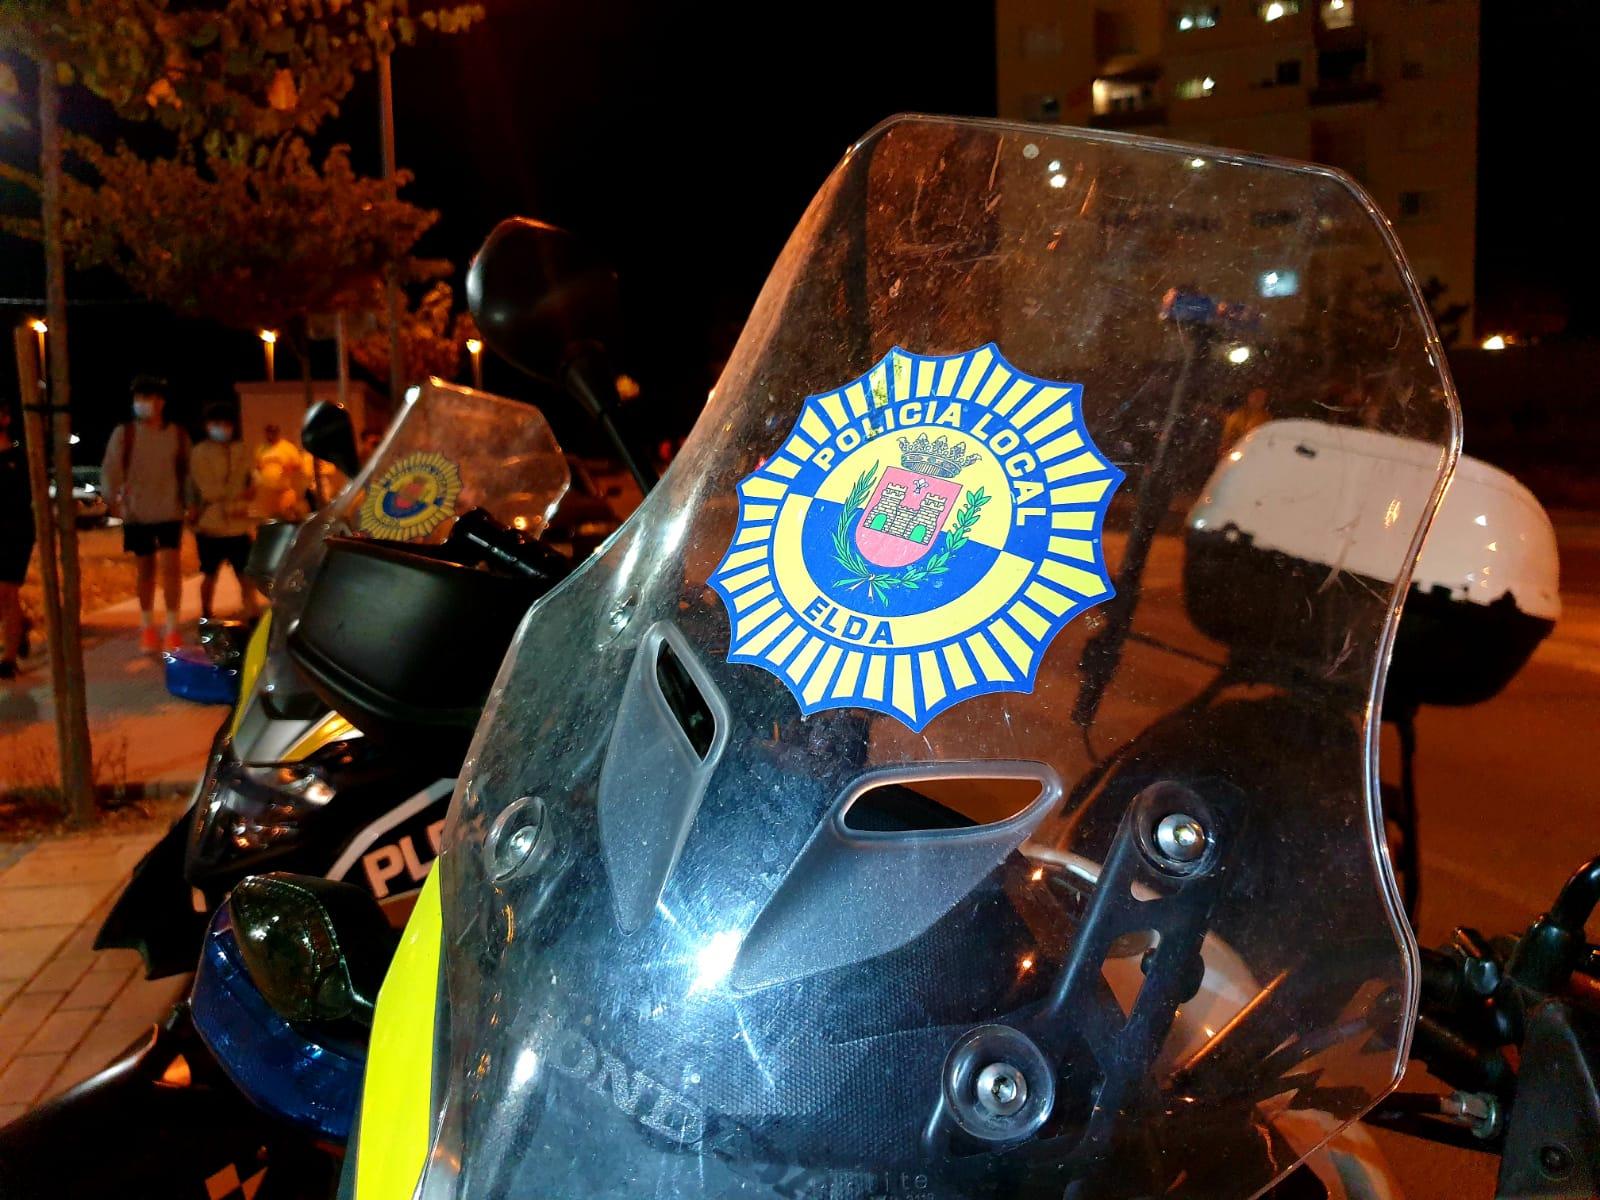 La Policía Local de Elda levanta 36 actas de sanción por infracciones relacionadas con la pandemia durante el pasado fin de semana